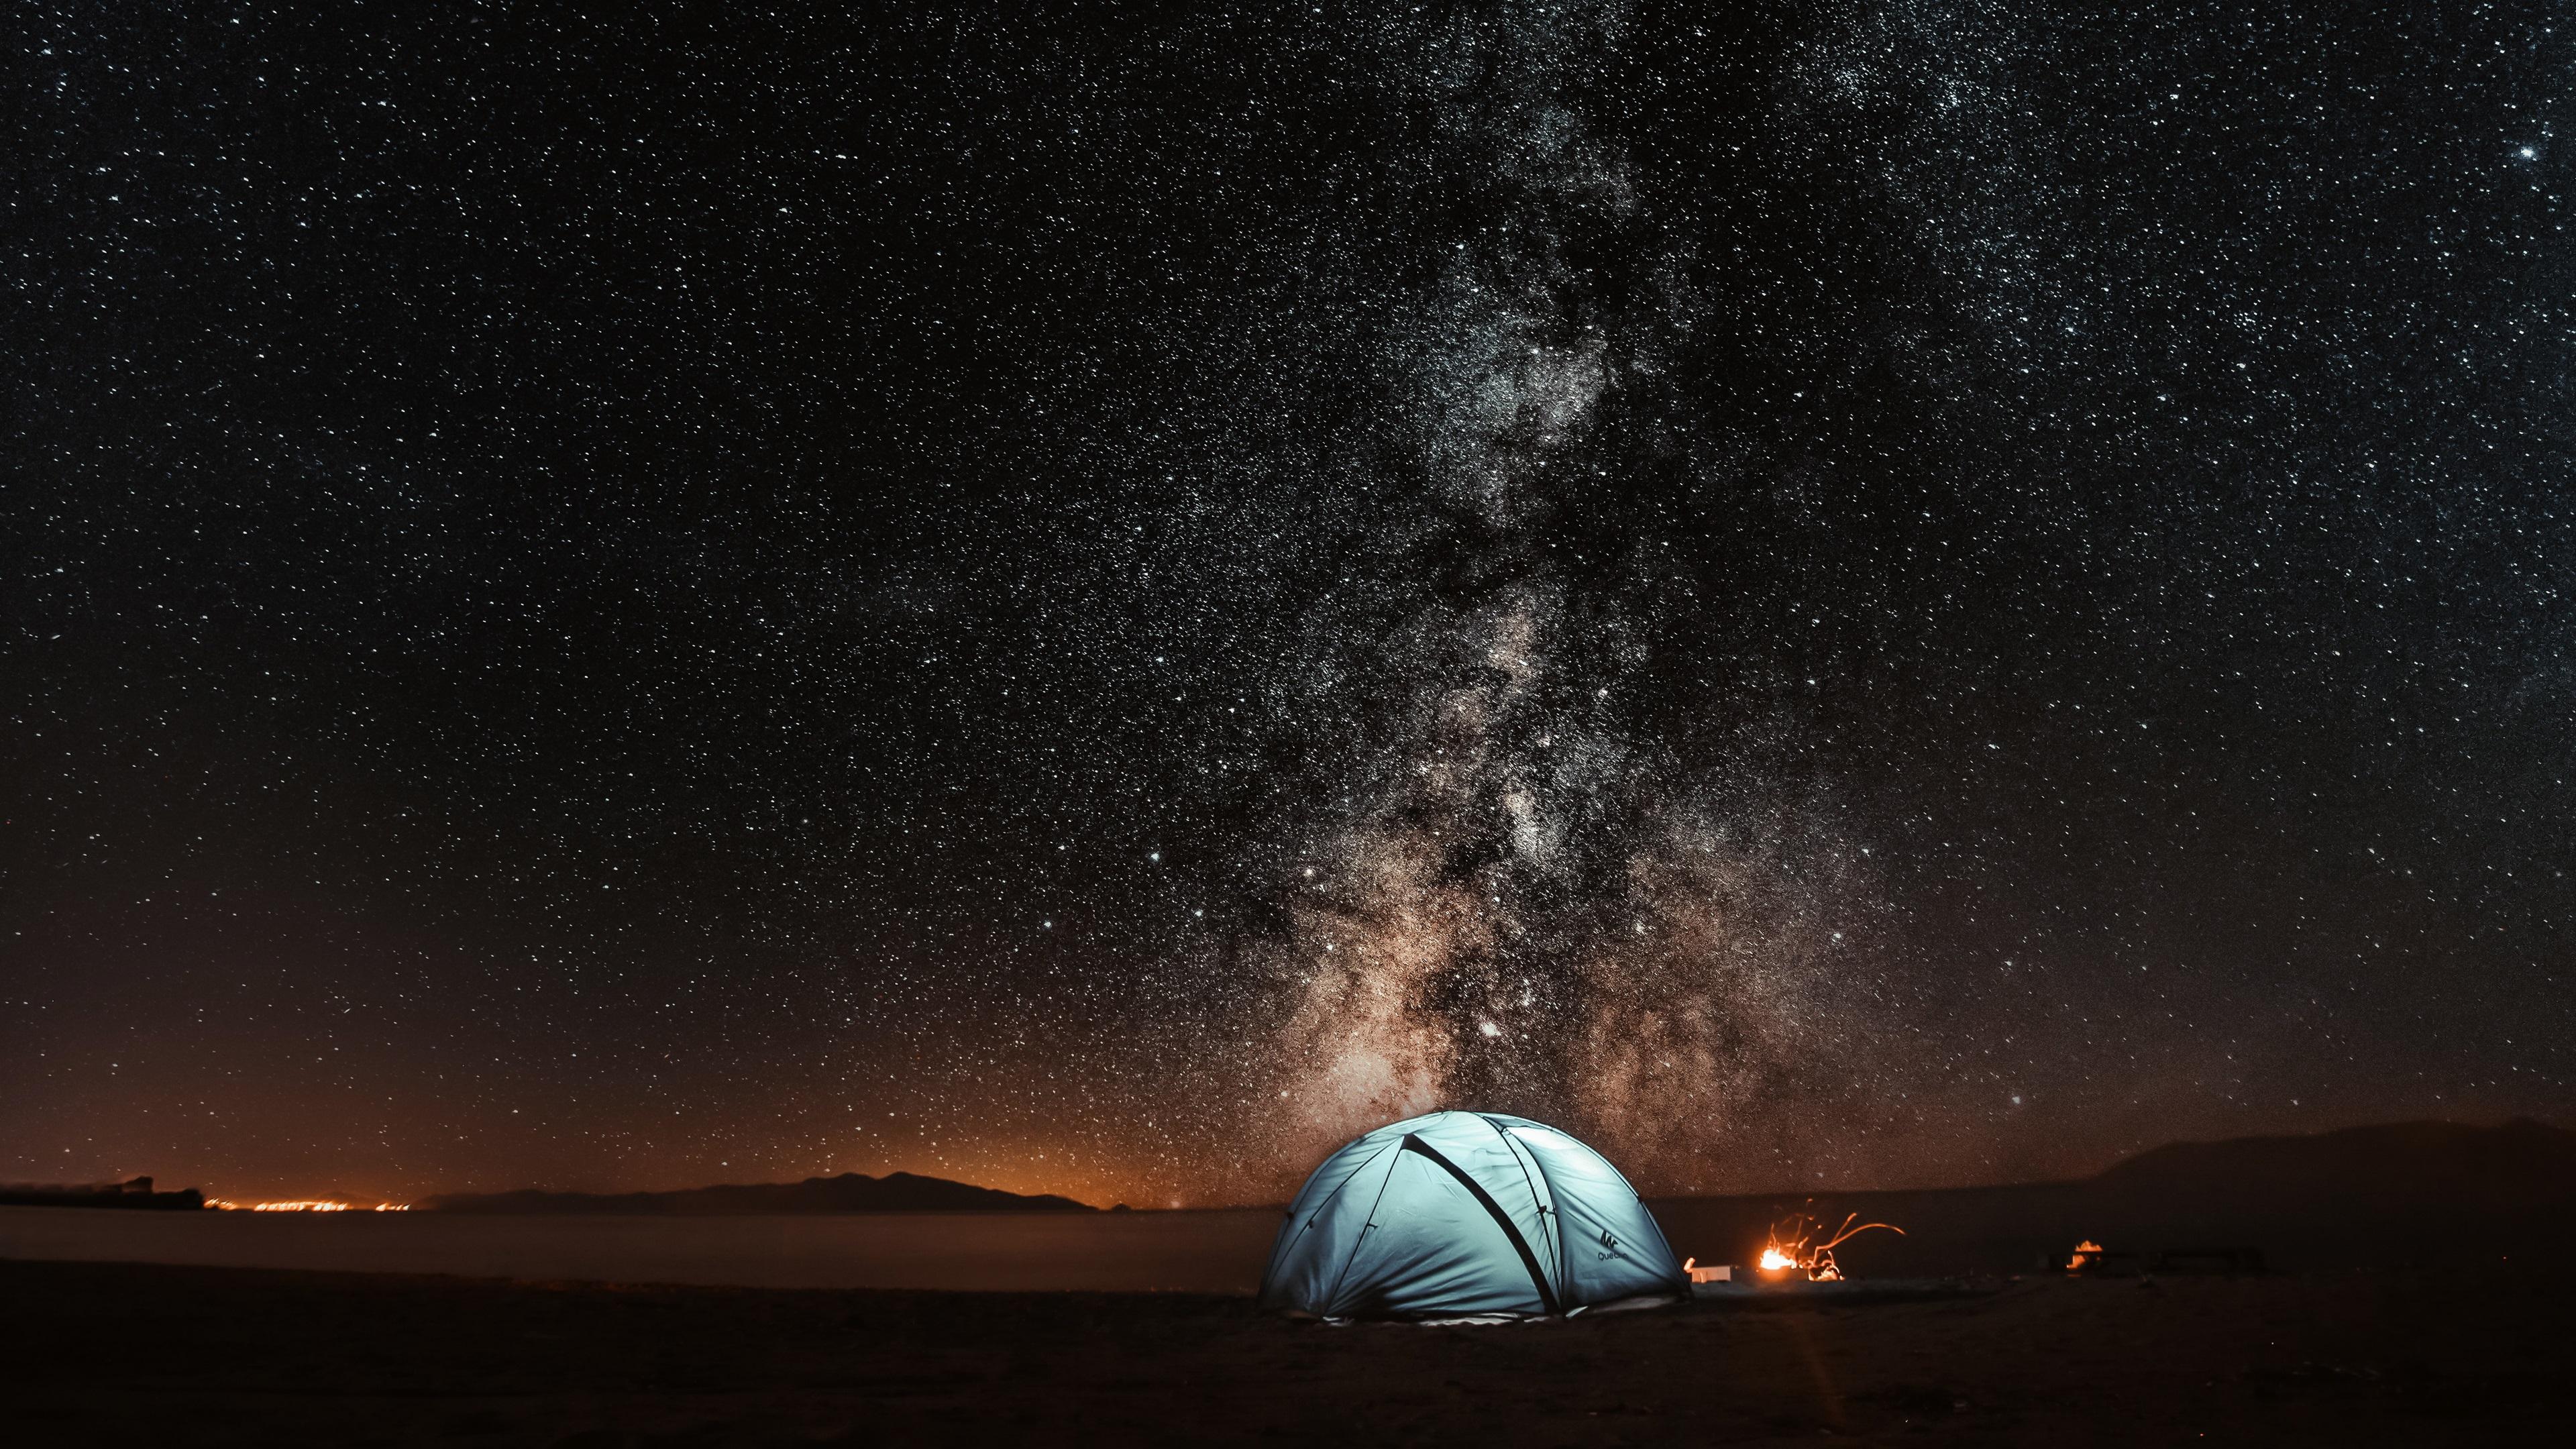 壁紙 夜、テント、星空 3840x2160 UHD 4K 無料のデスクトップの